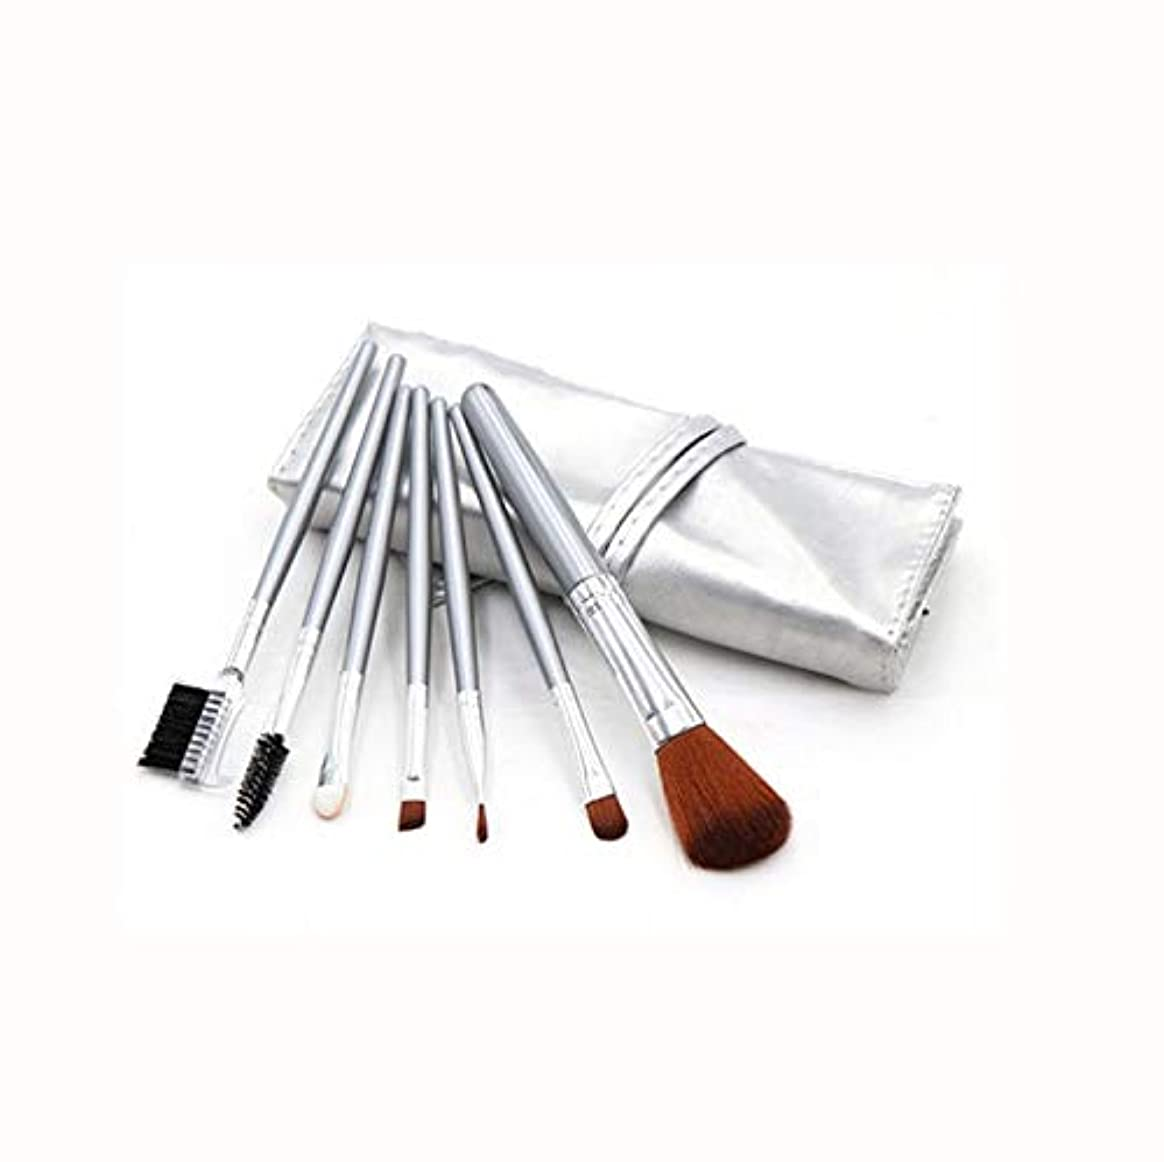 ルネッサンス意欲失速化粧ブラシセット、シルバー7化粧ブラシ化粧ブラシセットアイシャドウブラシリップブラシ美容化粧道具